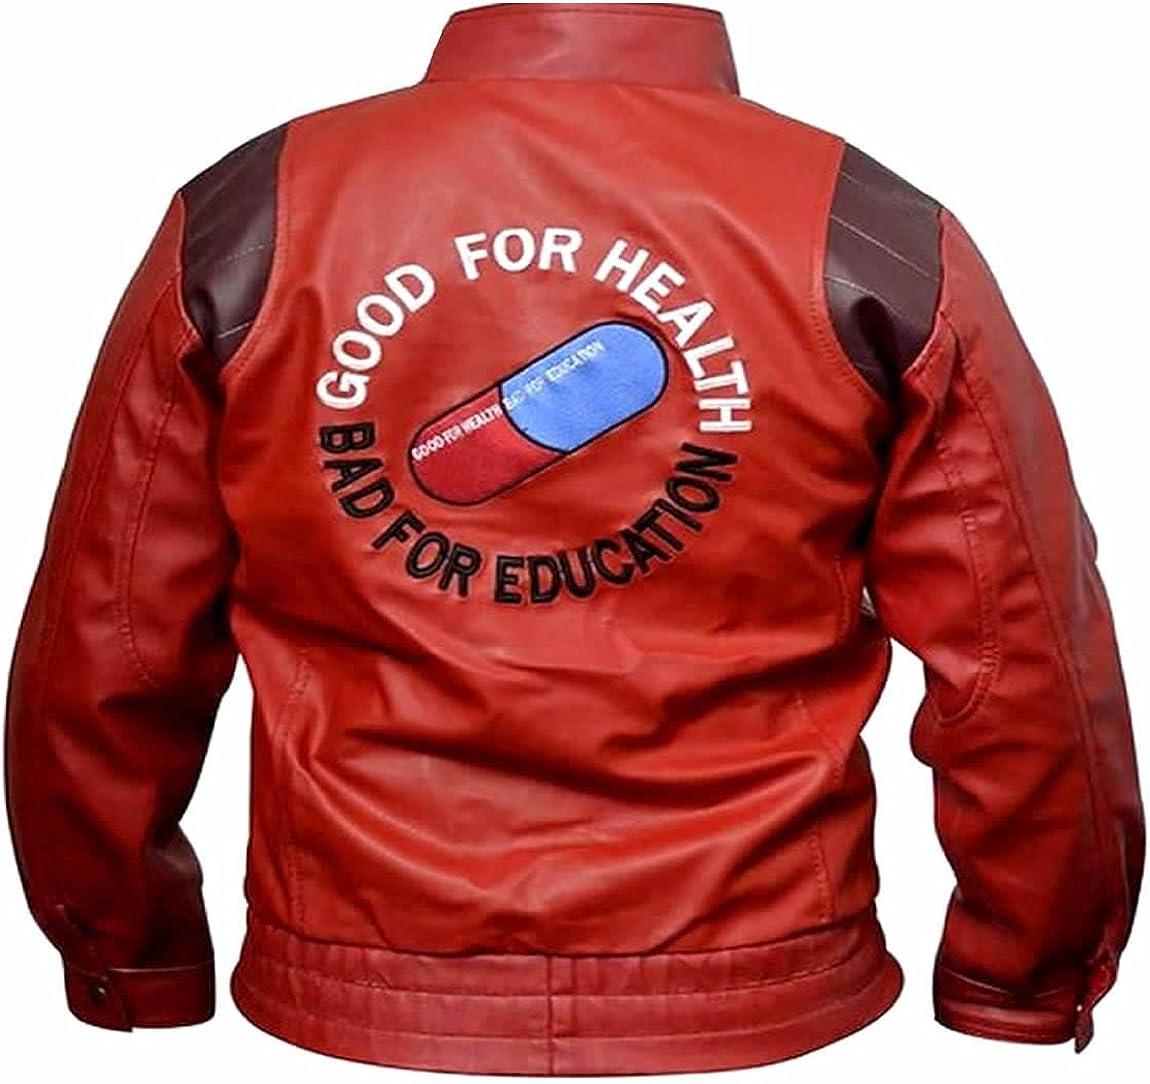 Classyak Real Leather Moto Jacket, Xs-5xl